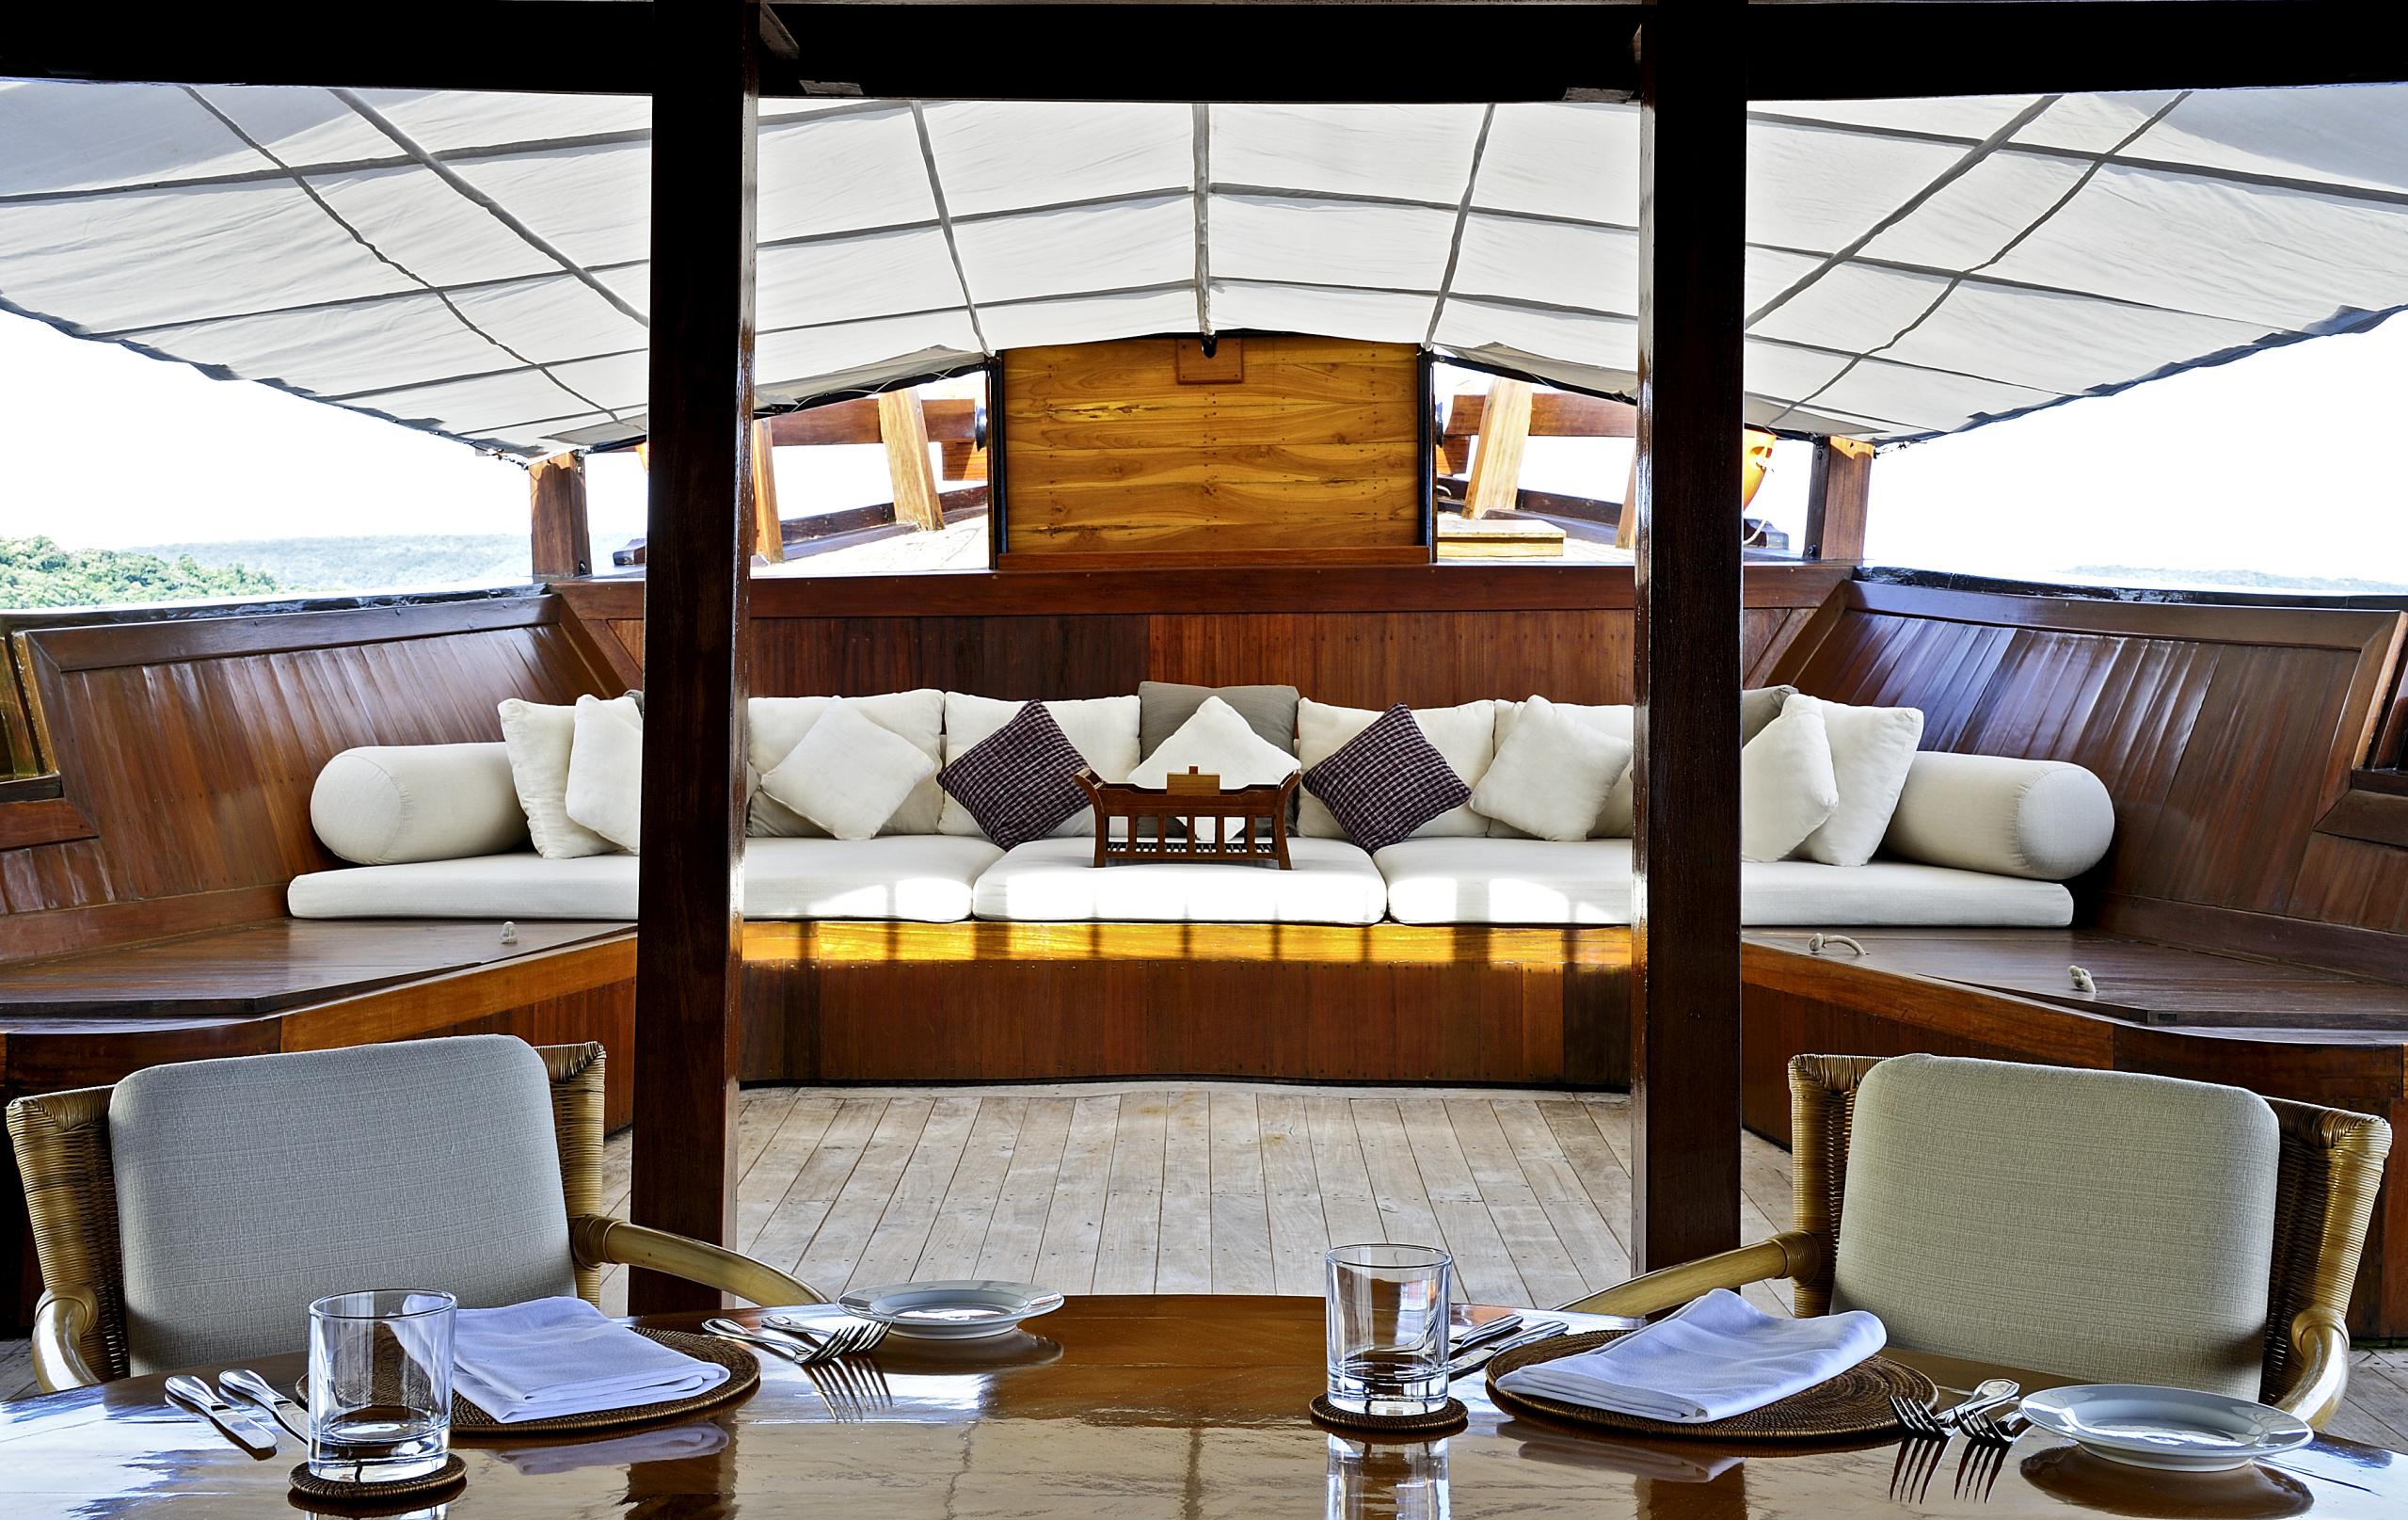 luxury-teak-vessel-adventure-komodo